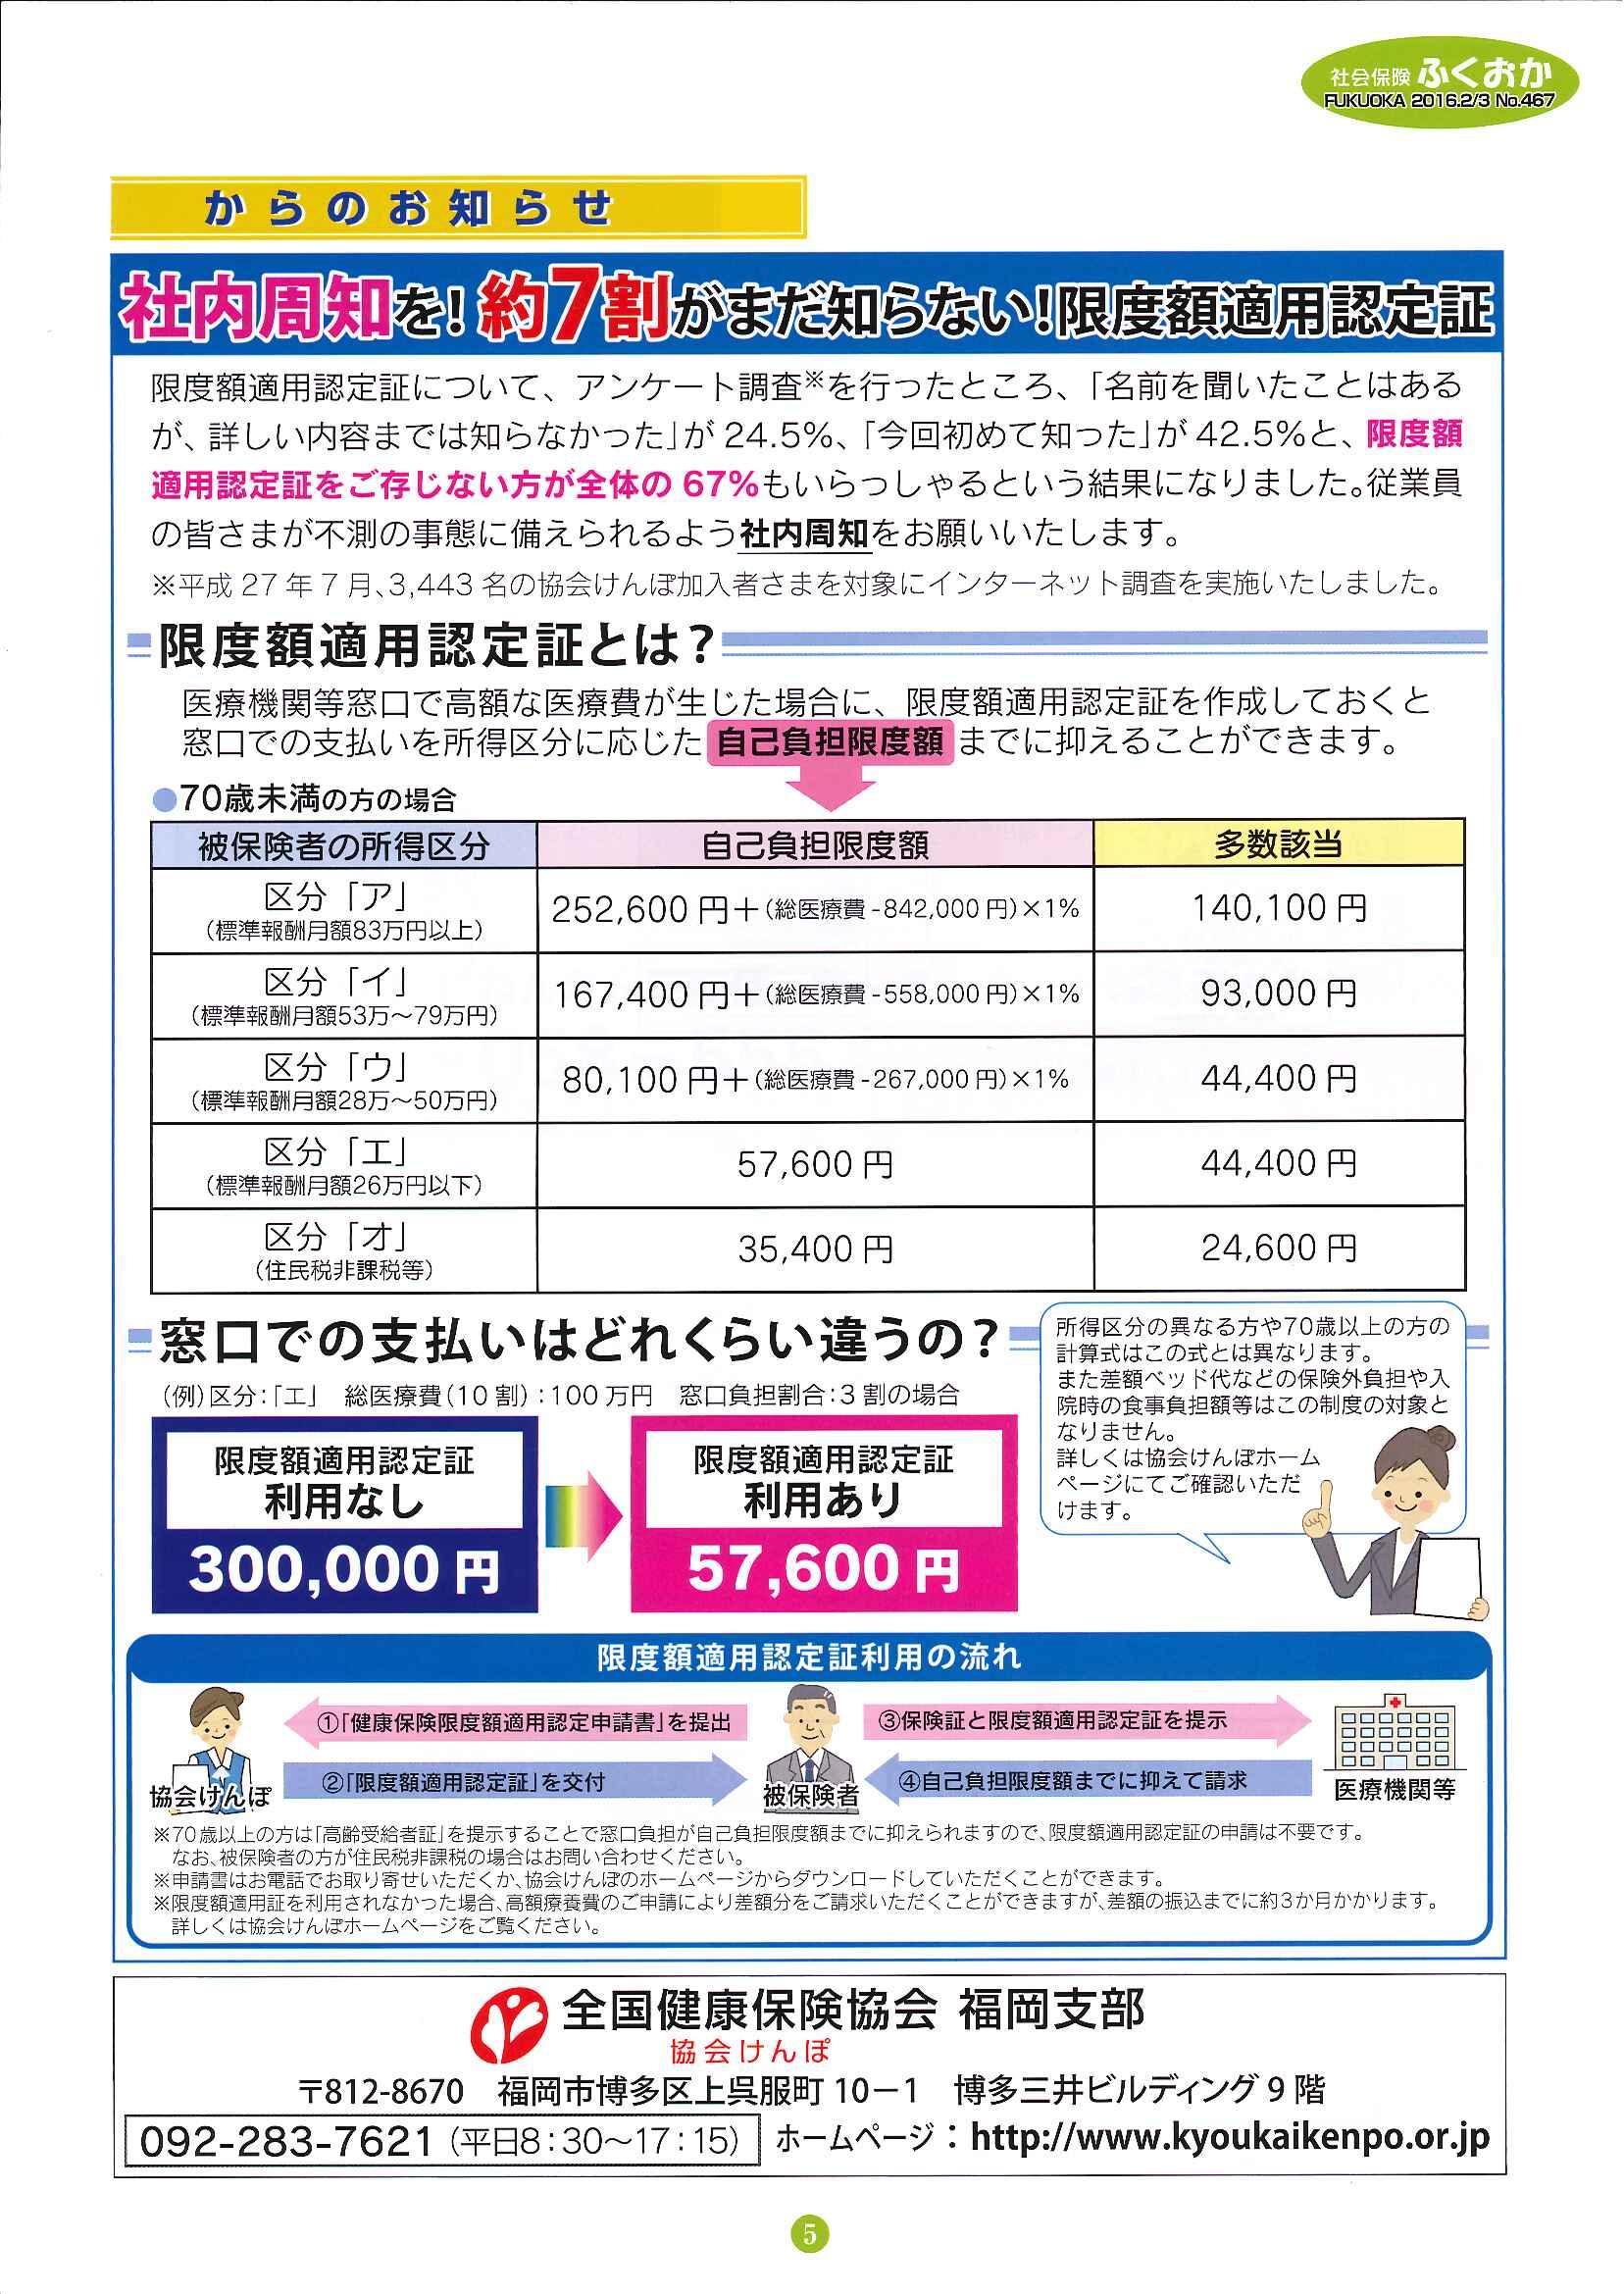 社会保険 「ふくおか」 2016年2・3月号_f0120774_16245175.jpg